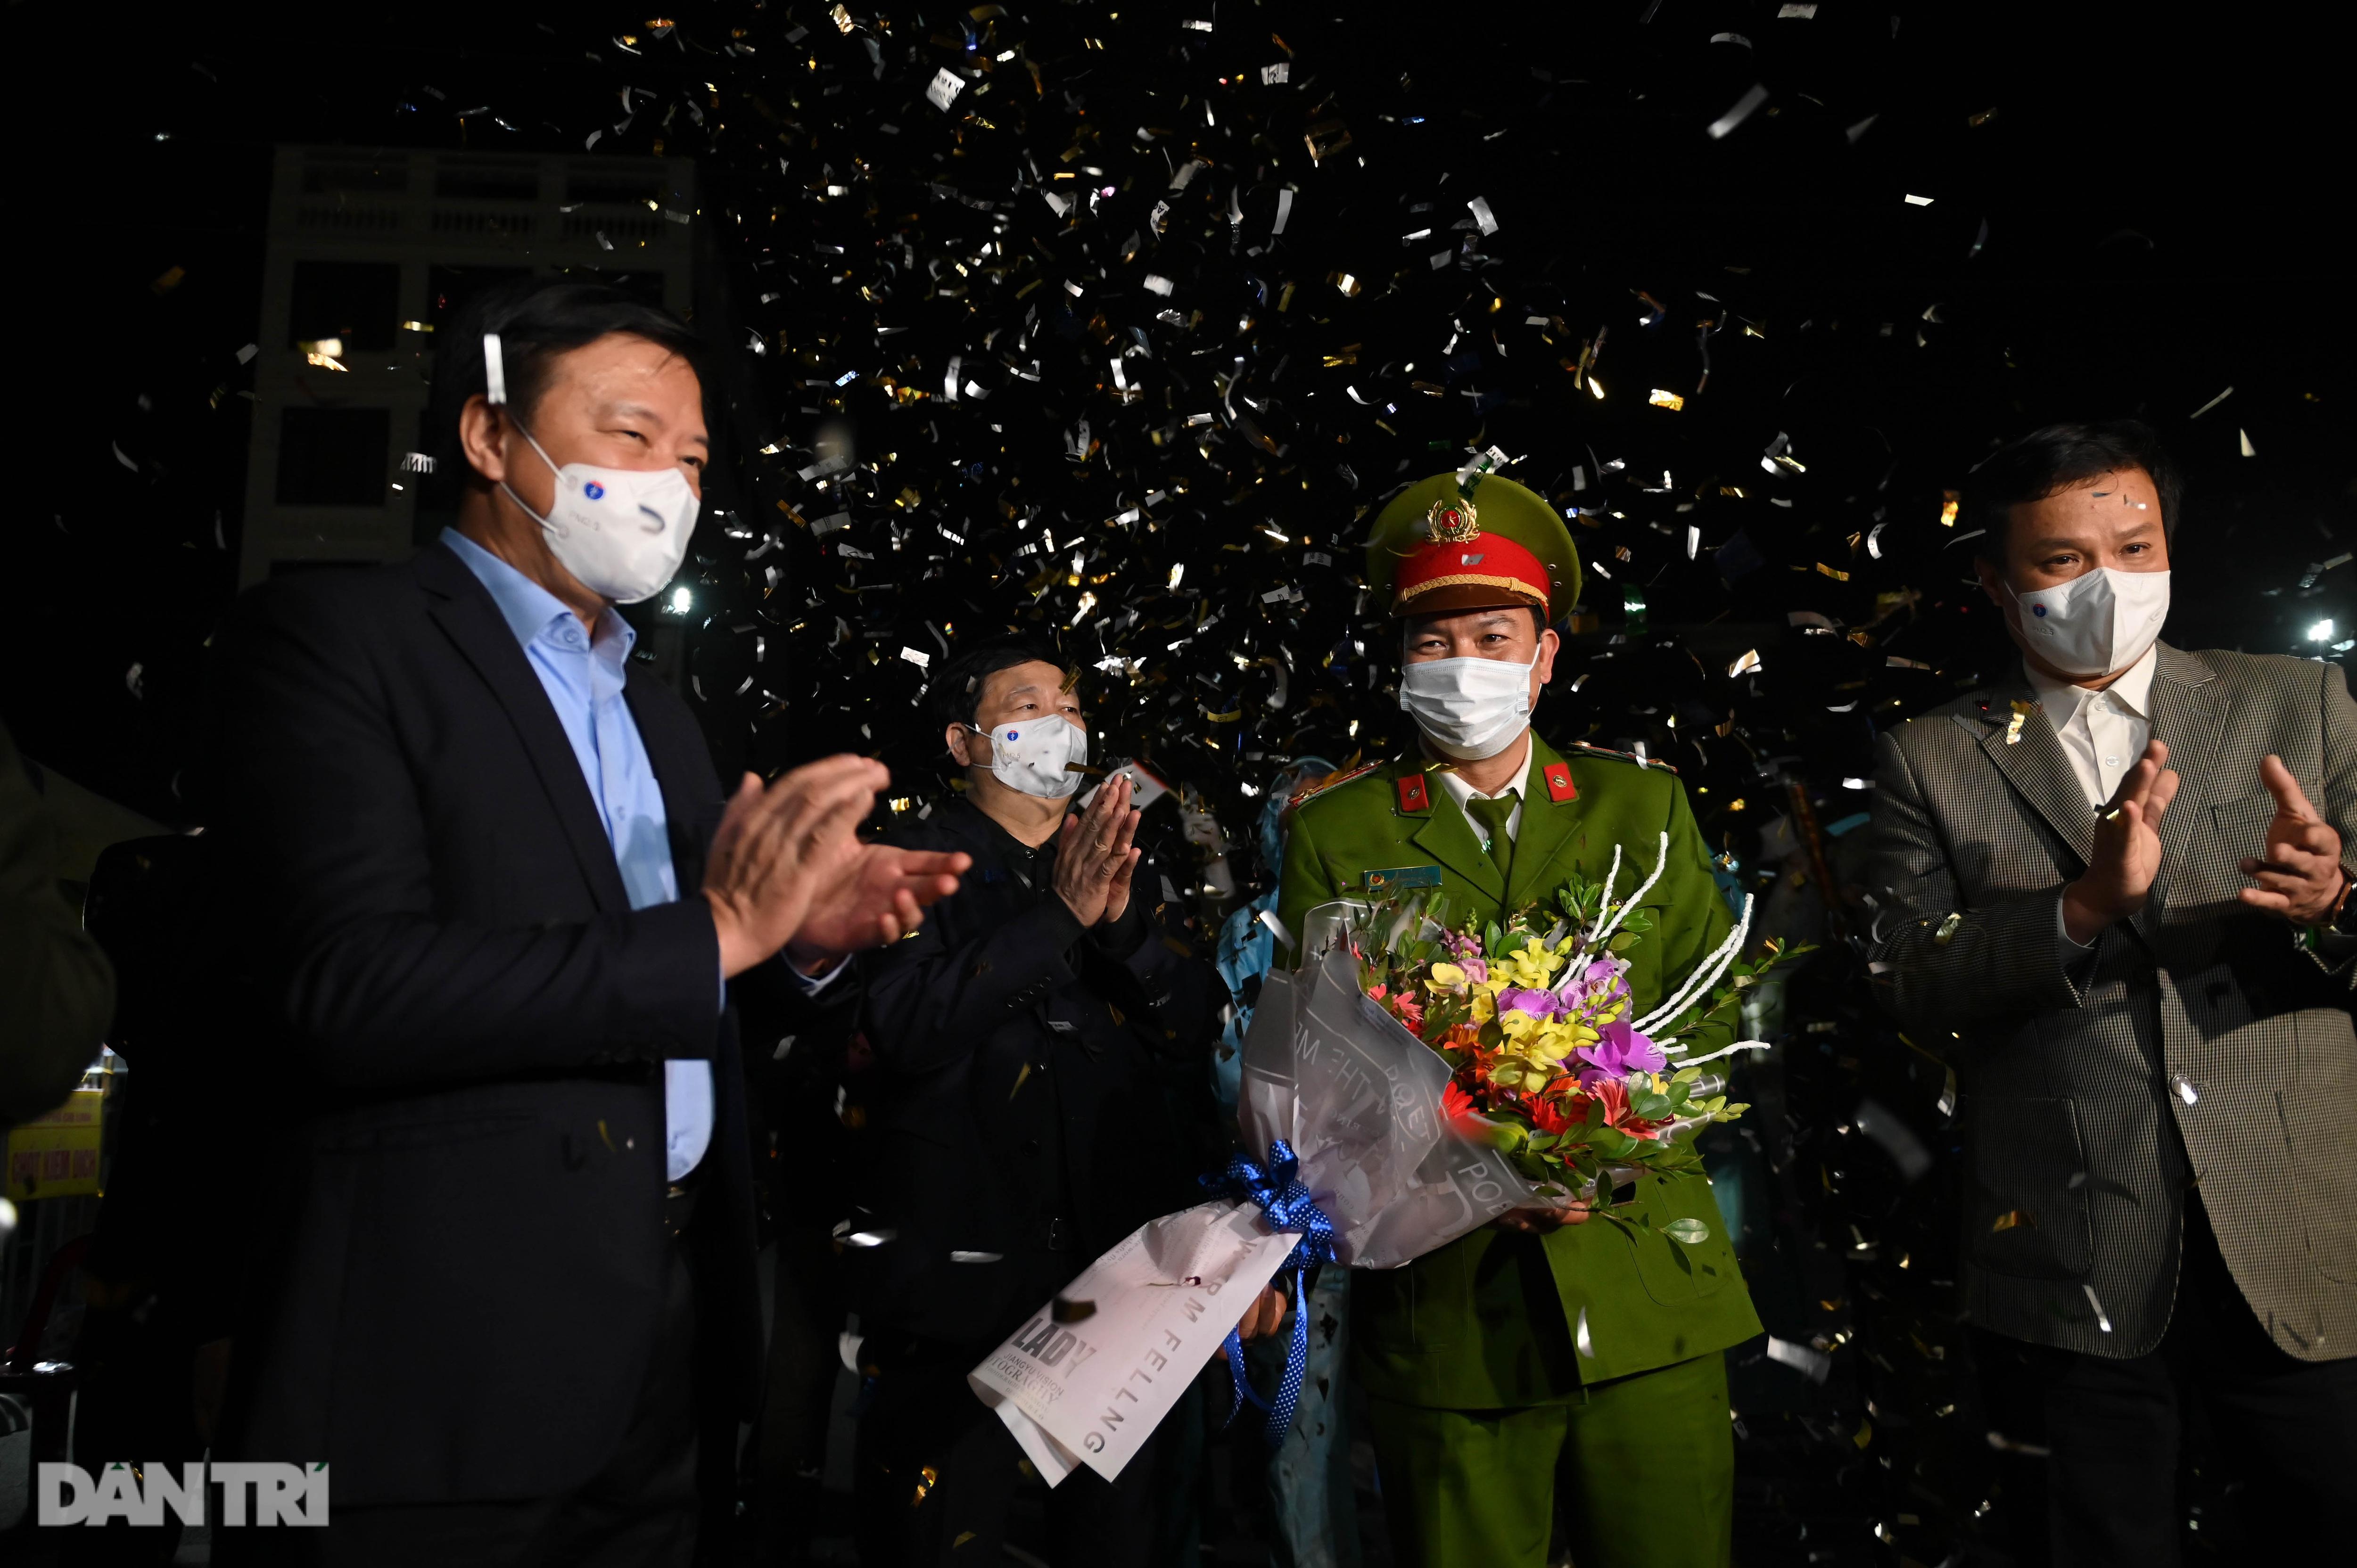 Pháo hoa rực rỡ, người dân vỡ òa cảm xúc khi TP Chí Linh được gỡ phong tỏa - Ảnh 6.